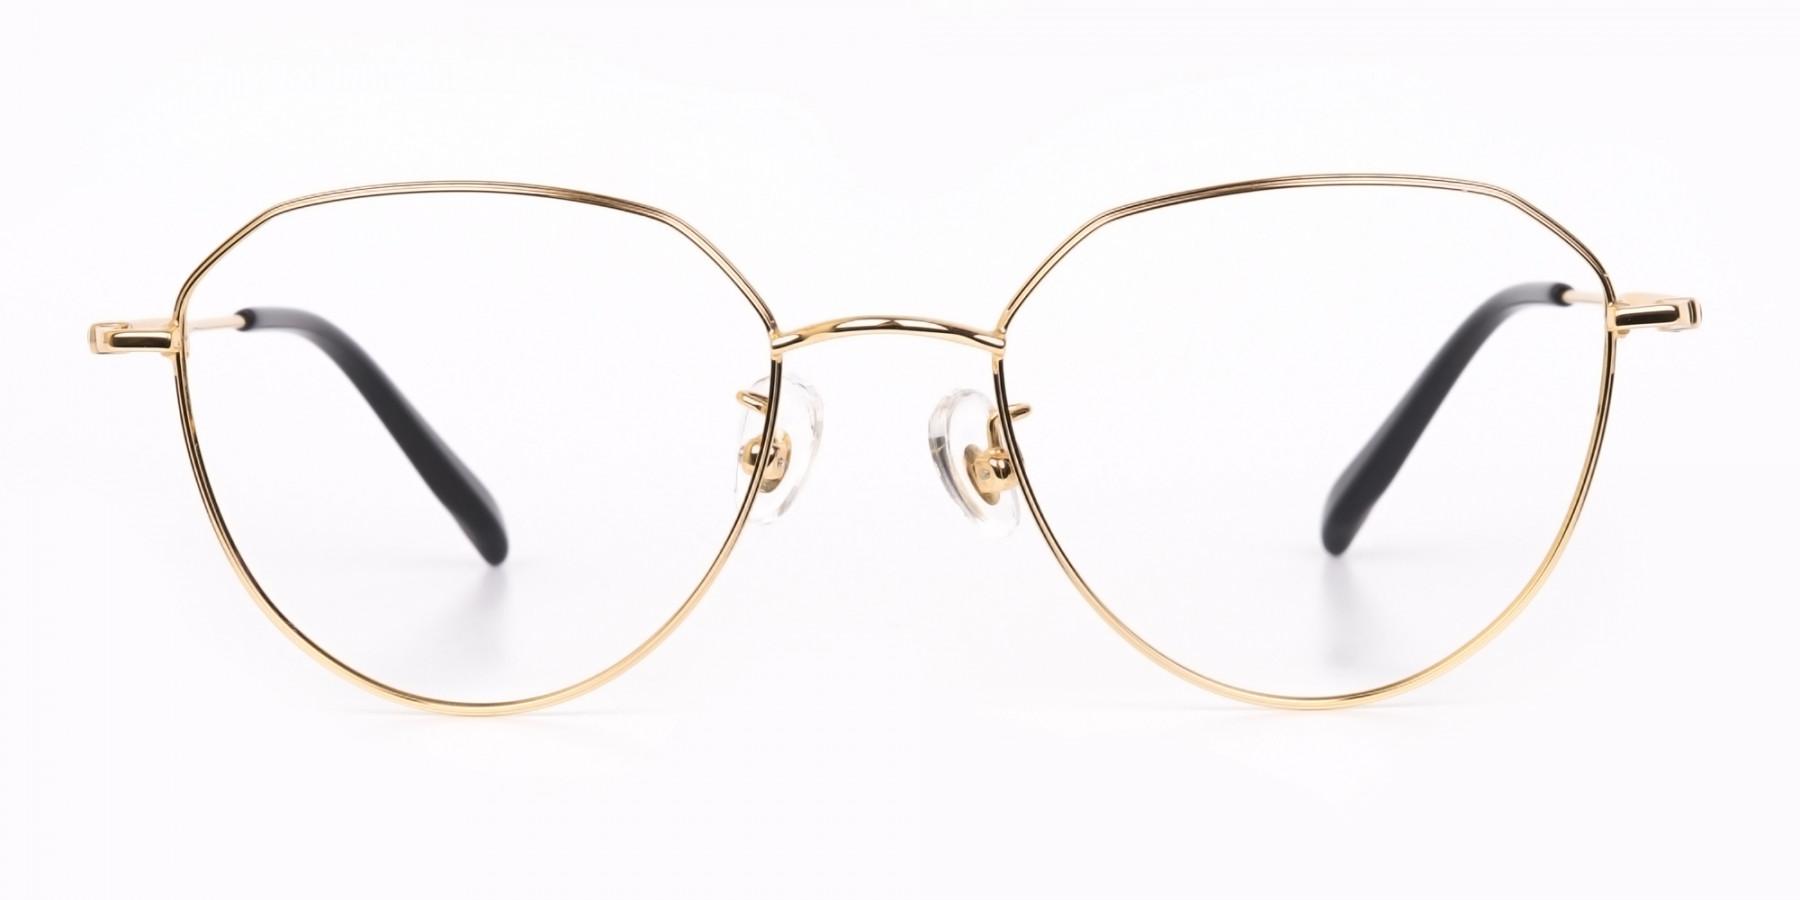 Gold Metal Aviator Glasses Frame For Unisex-1